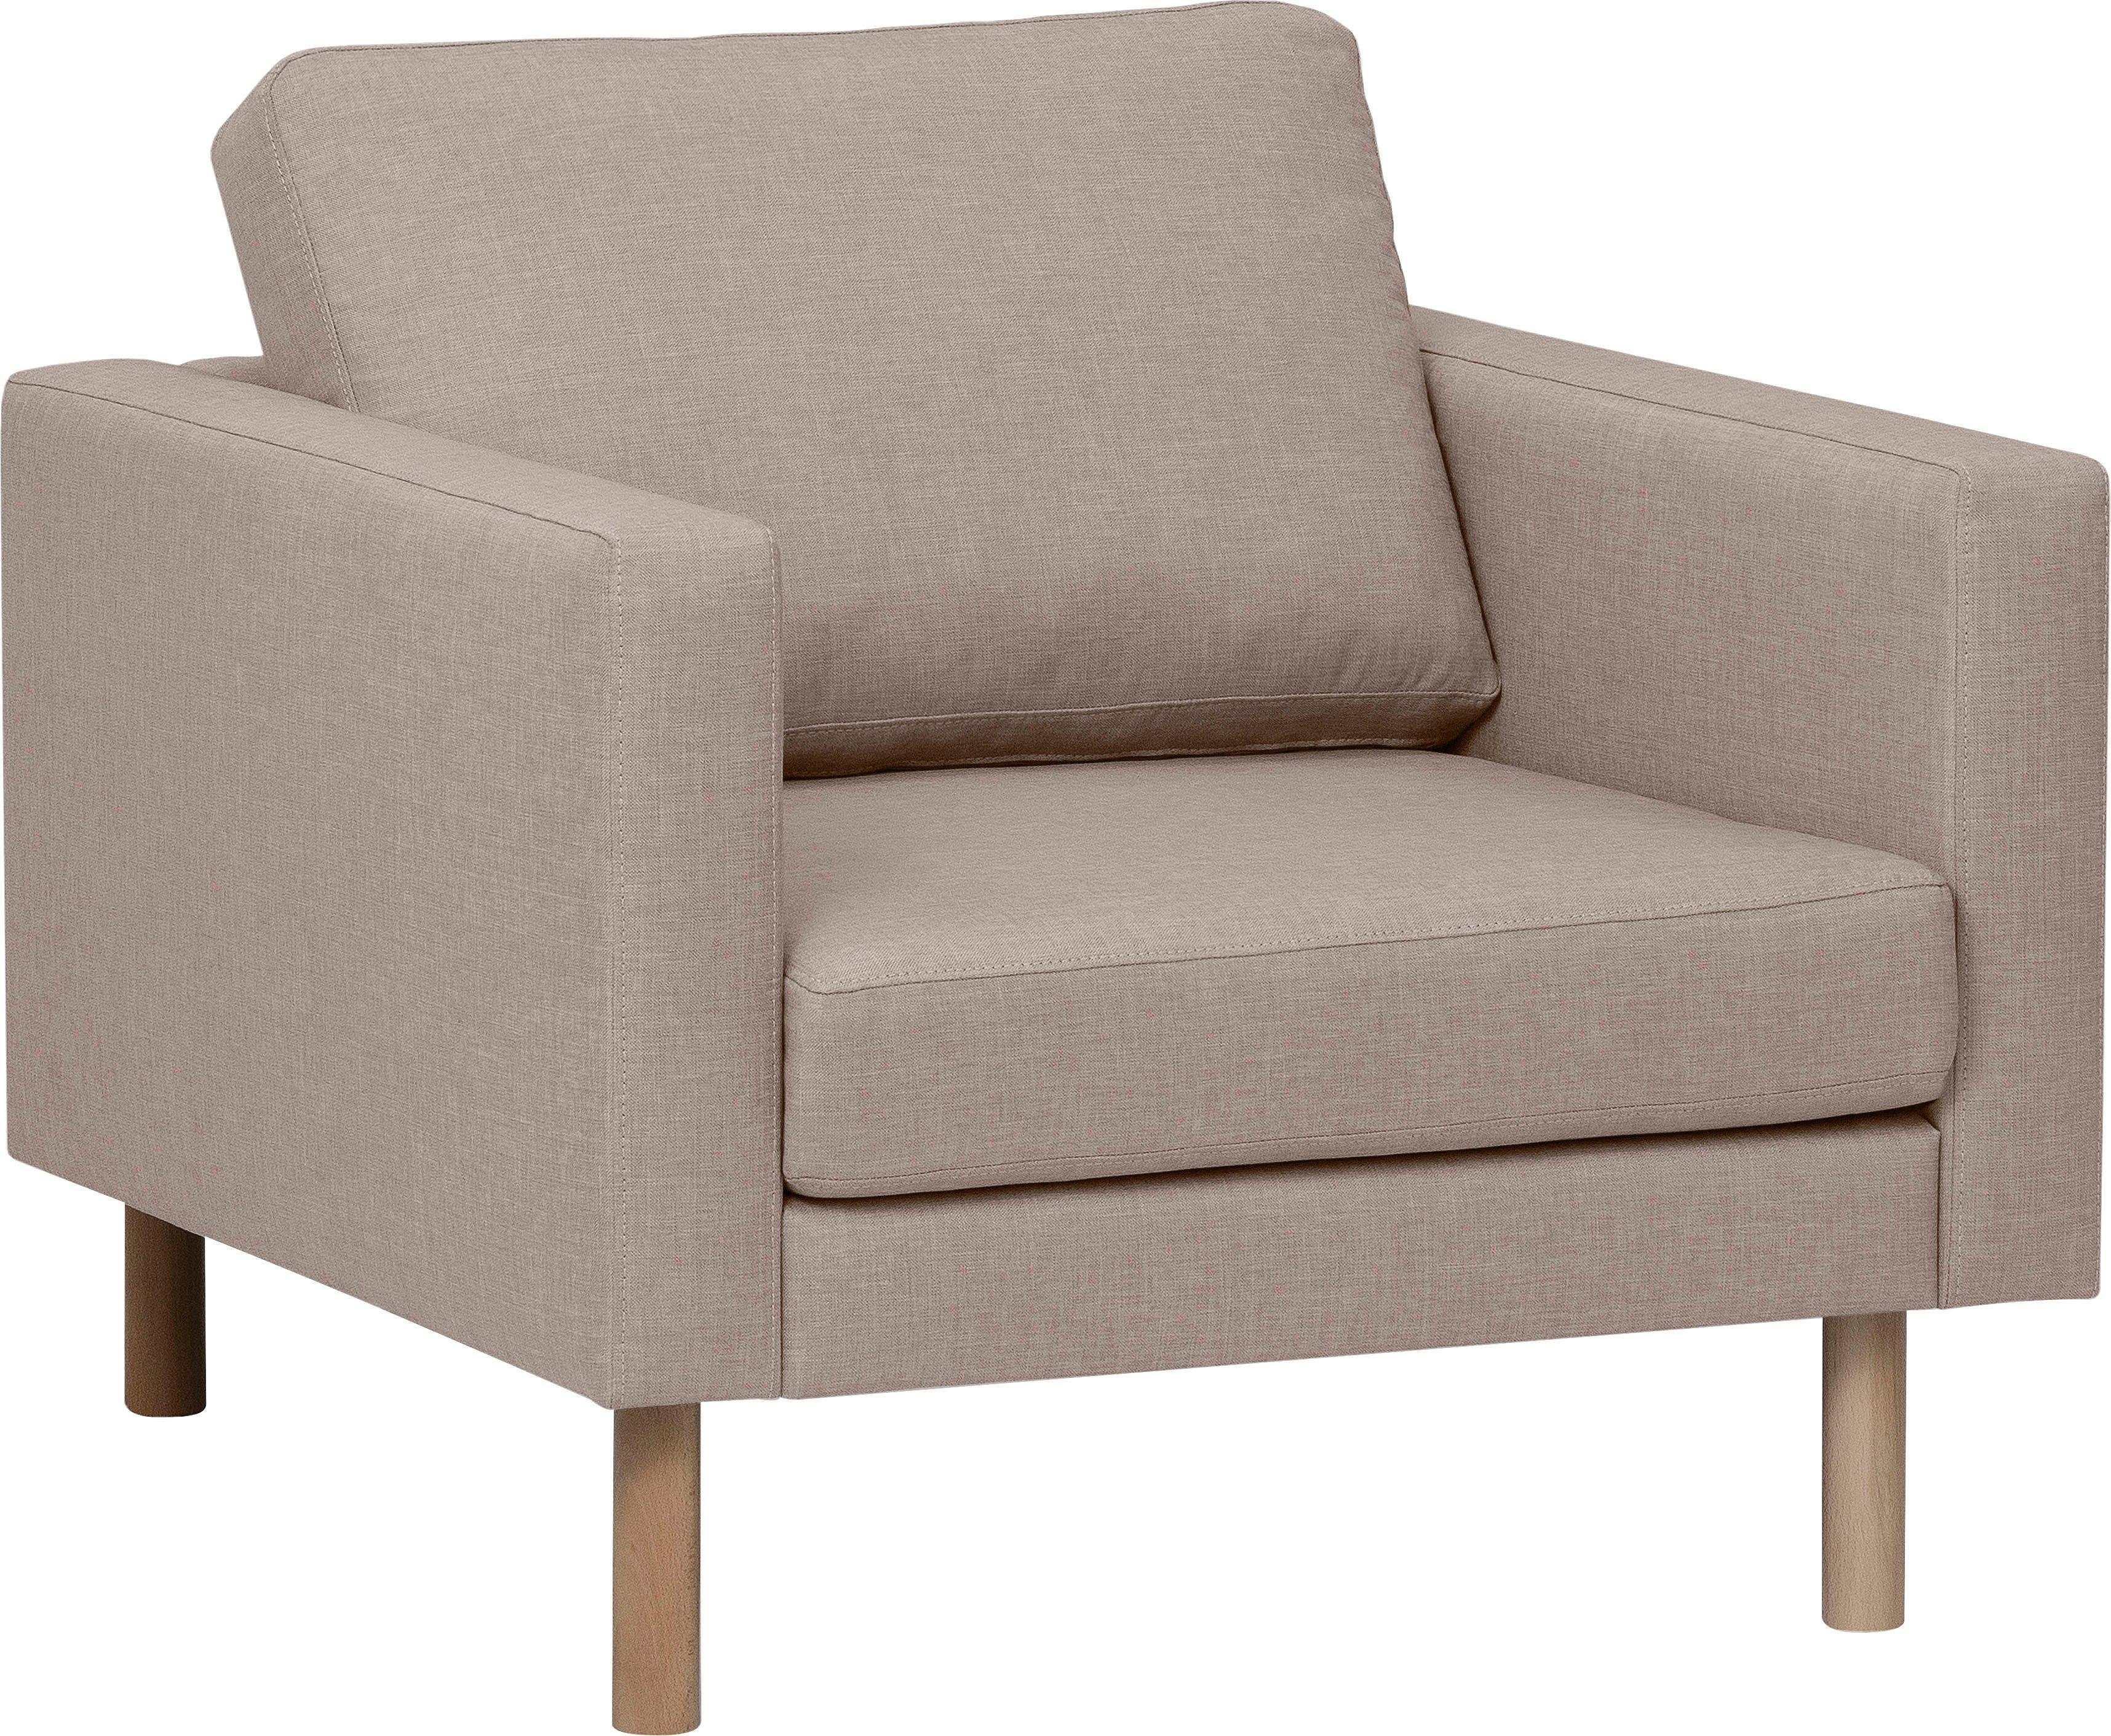 GEPADE fauteuil goedkoop op otto.nl kopen